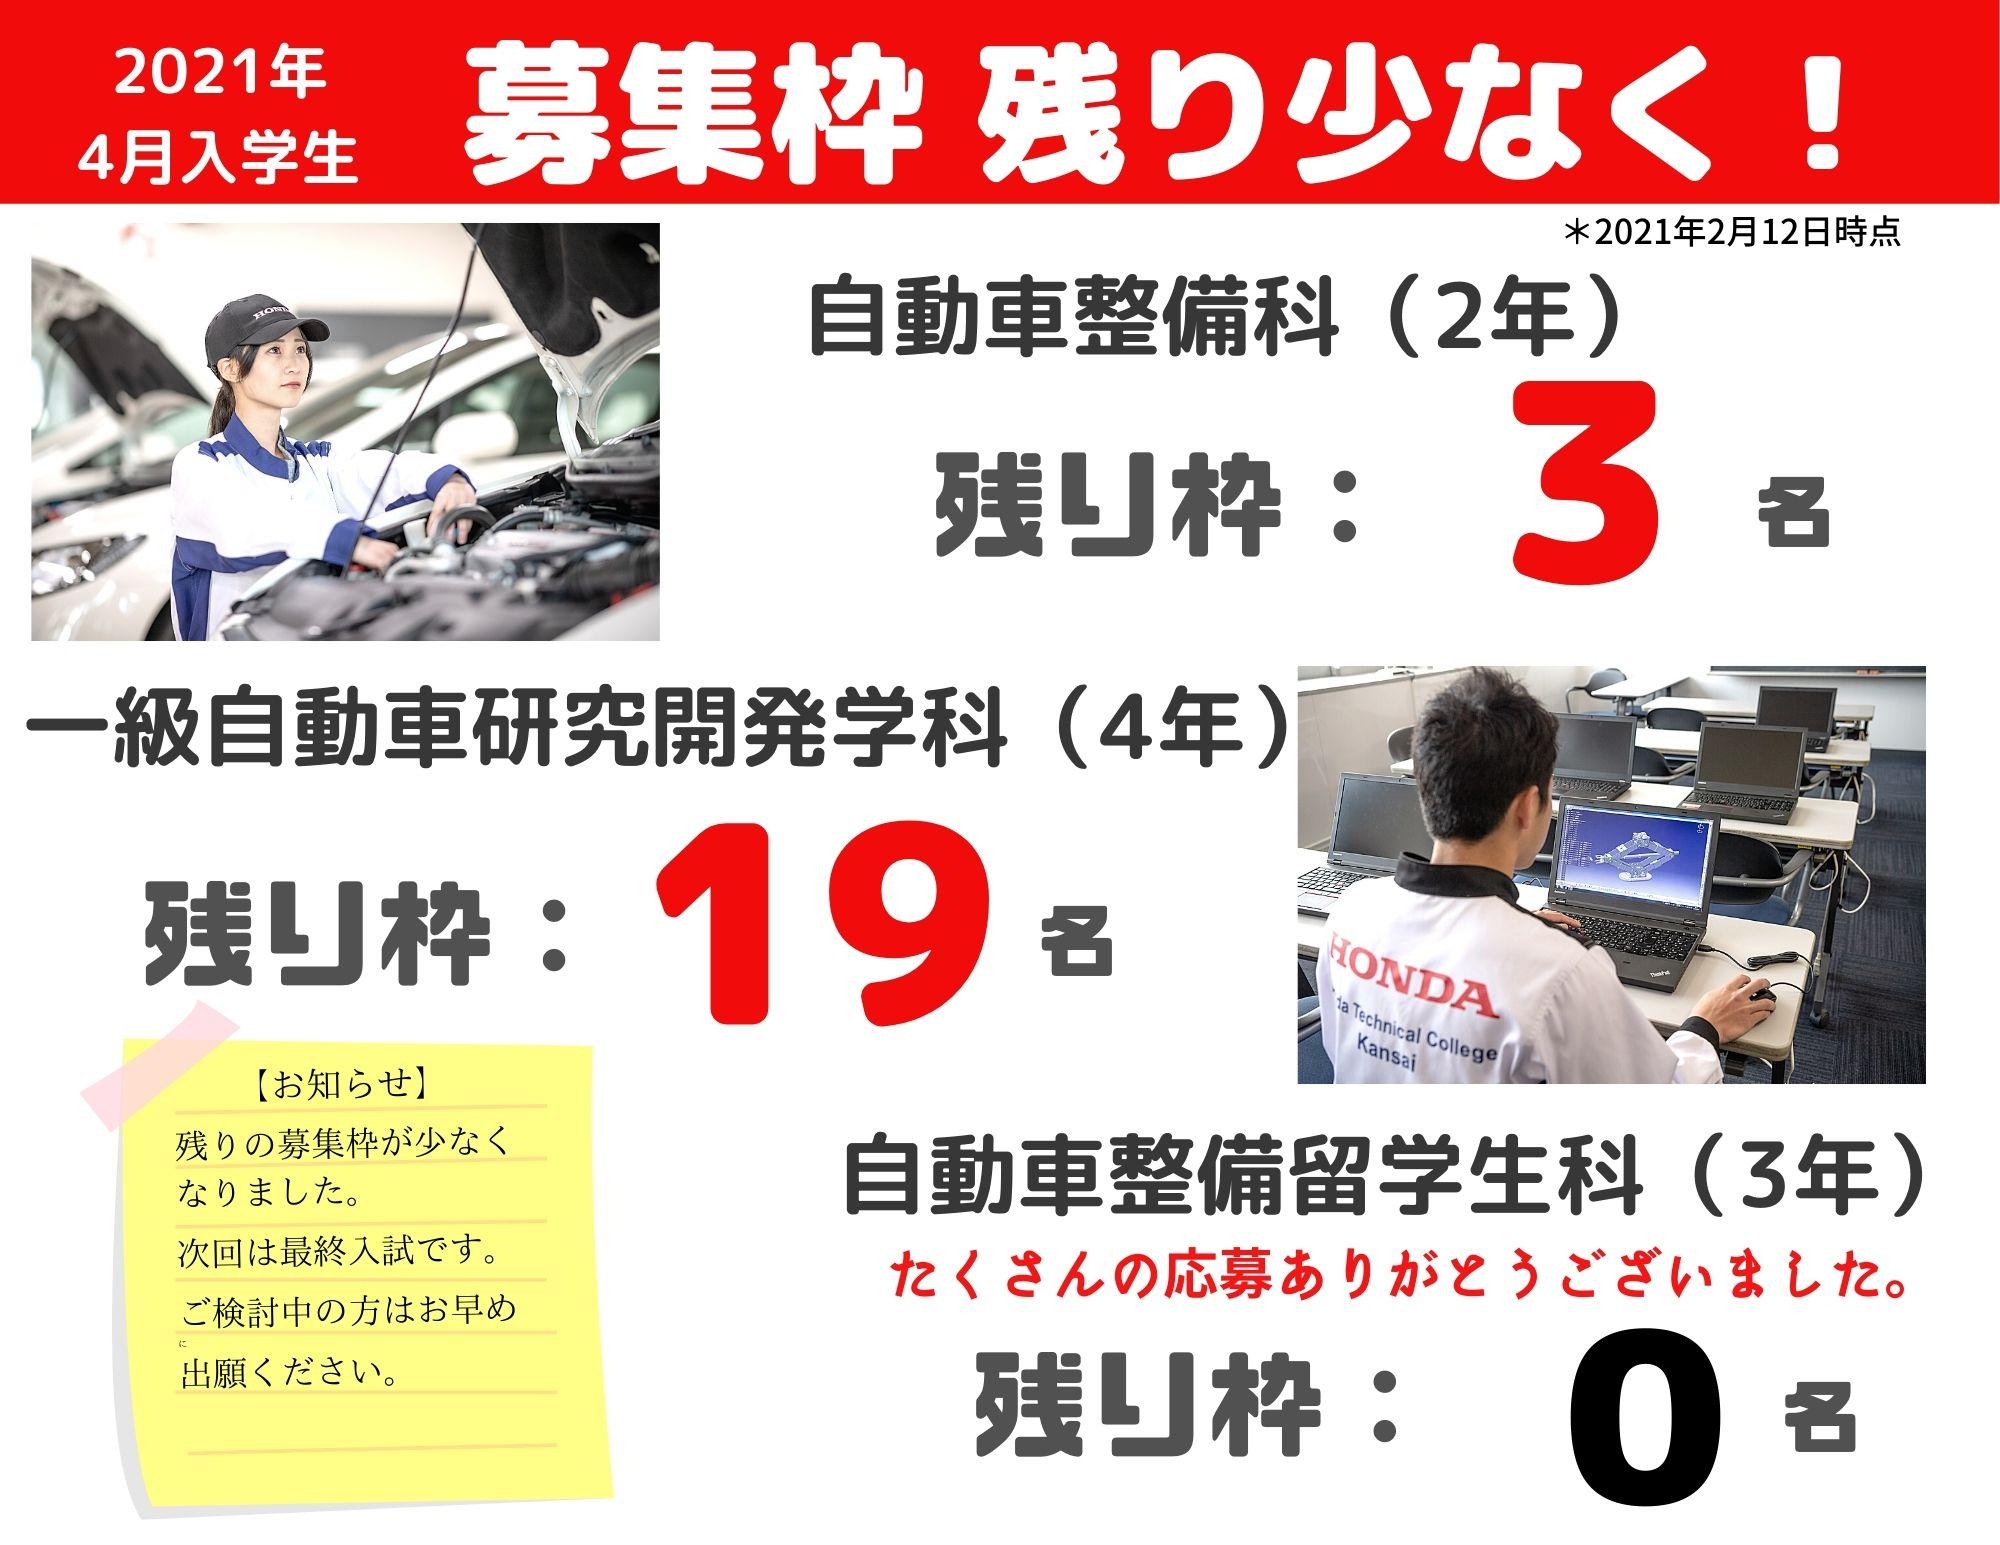 【重要】募集枠 残り少なく!(2021年4月入学生)